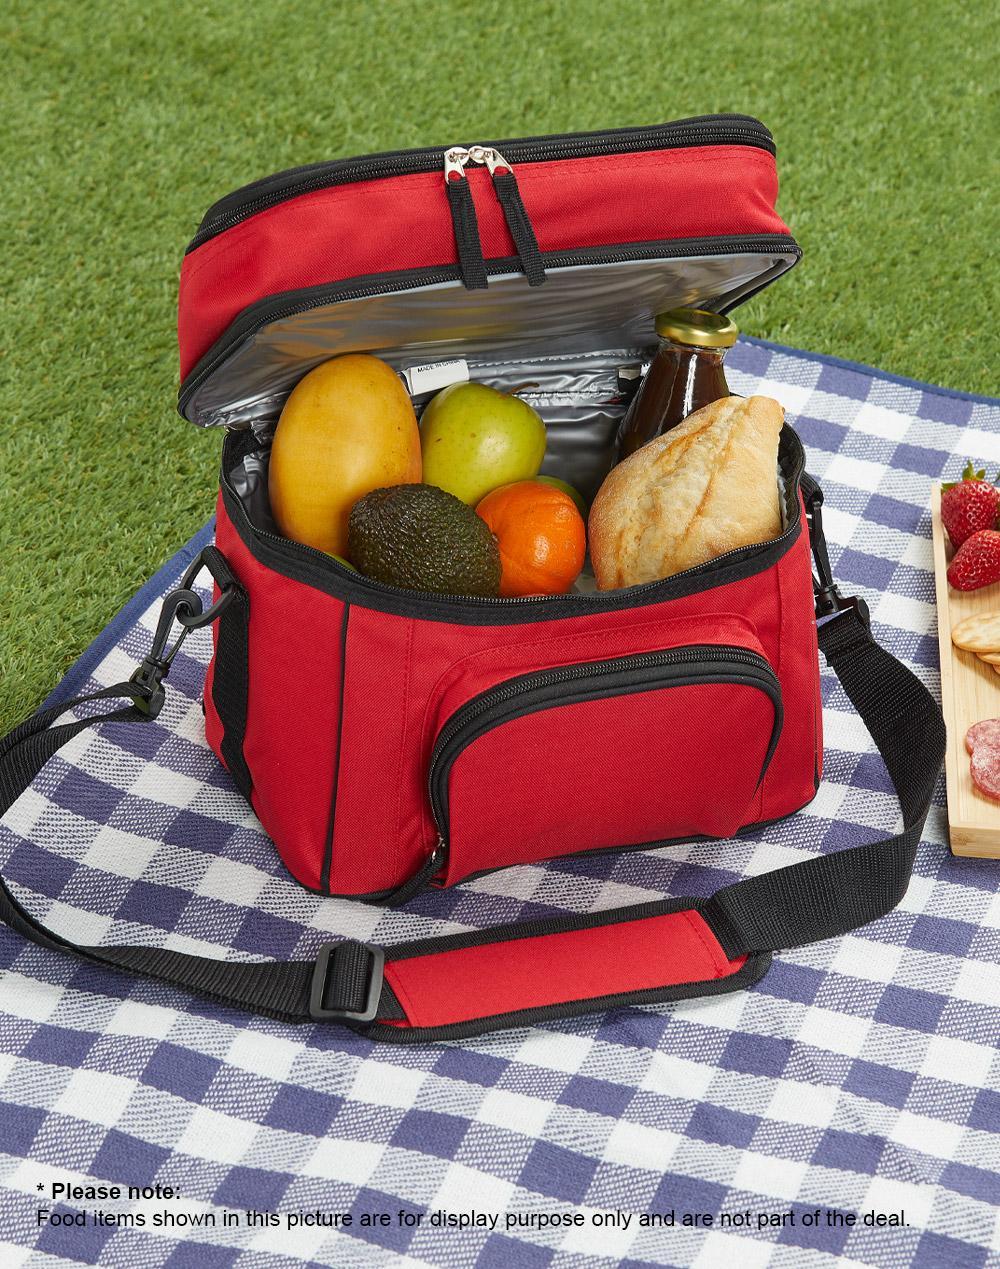 B6001 6 Can Cooler Bag